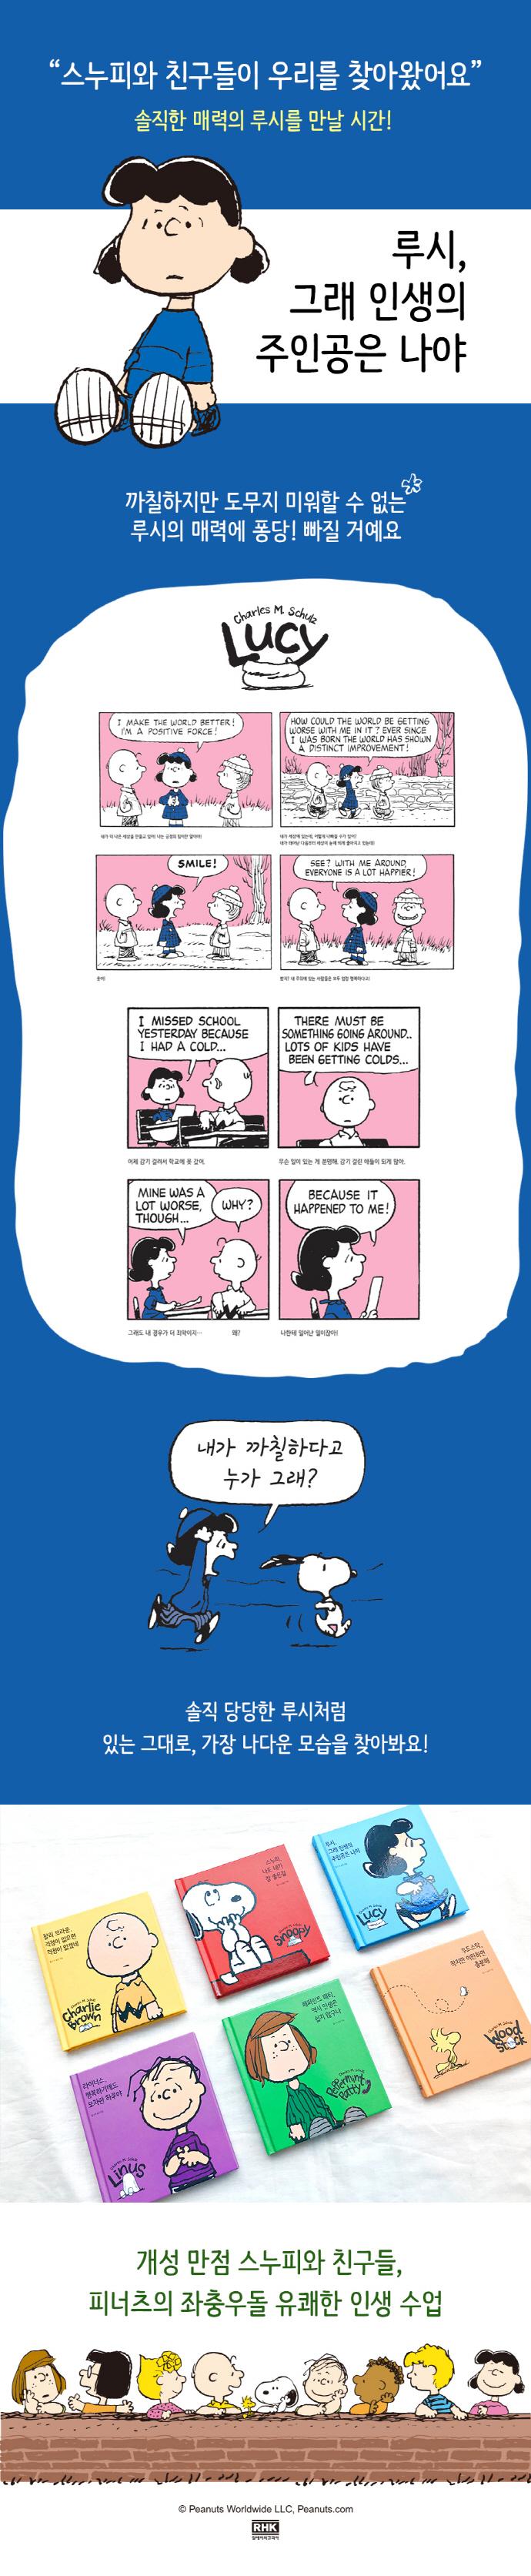 루시, 그래 인생의 주인공은 나야(Peanuts(피너츠))(양장본 HardCover) 도서 상세이미지